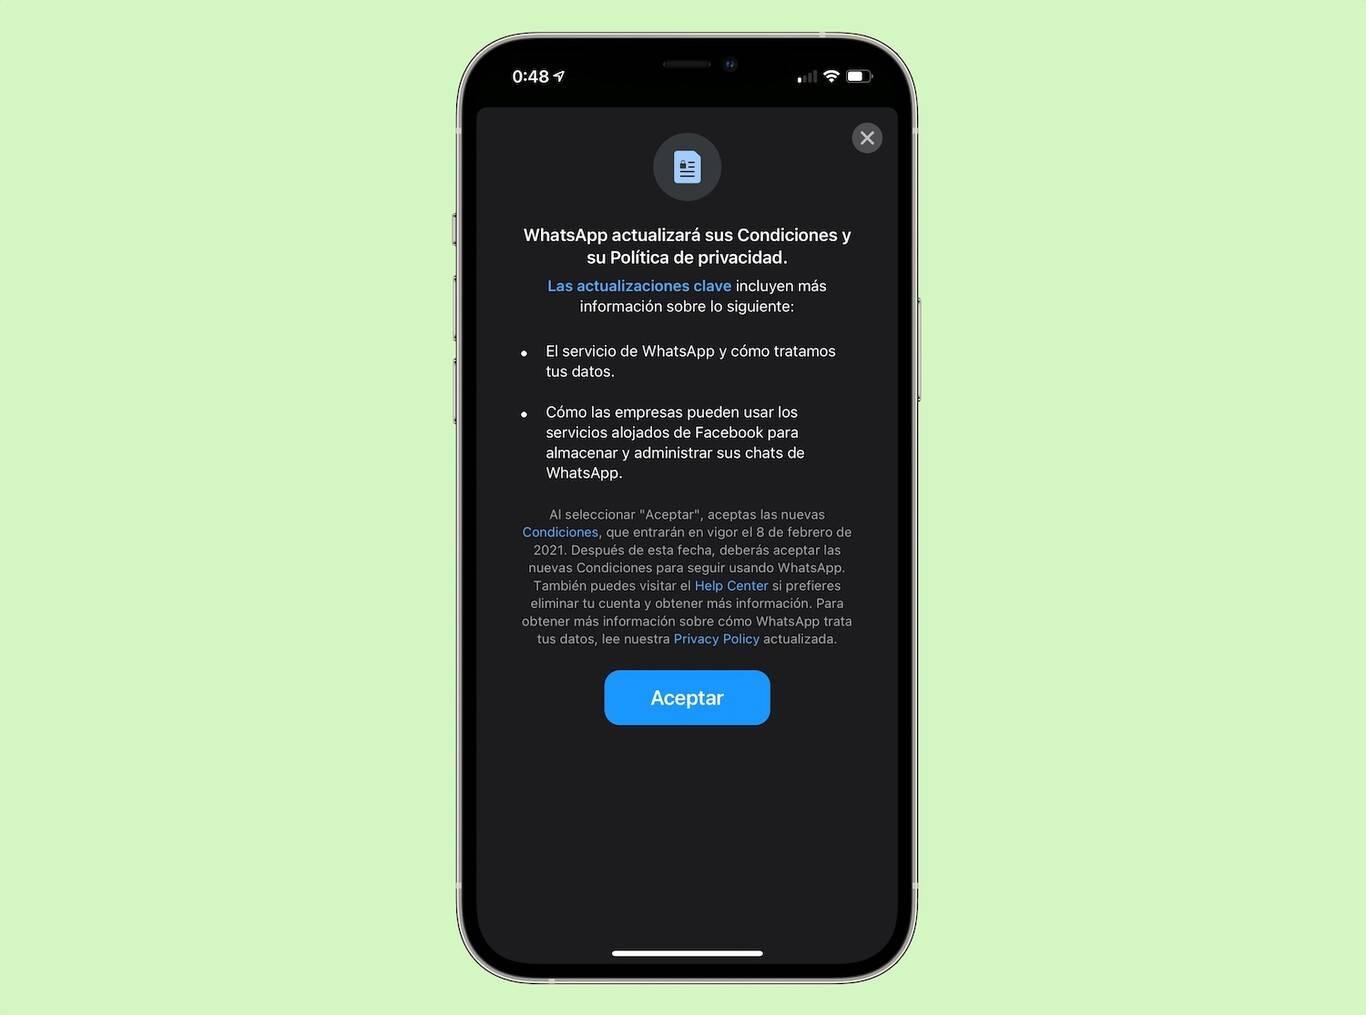 La Dirección Nacional de Protección de Datos Personales investiga a WhatsApp por su nueva política de privacidad